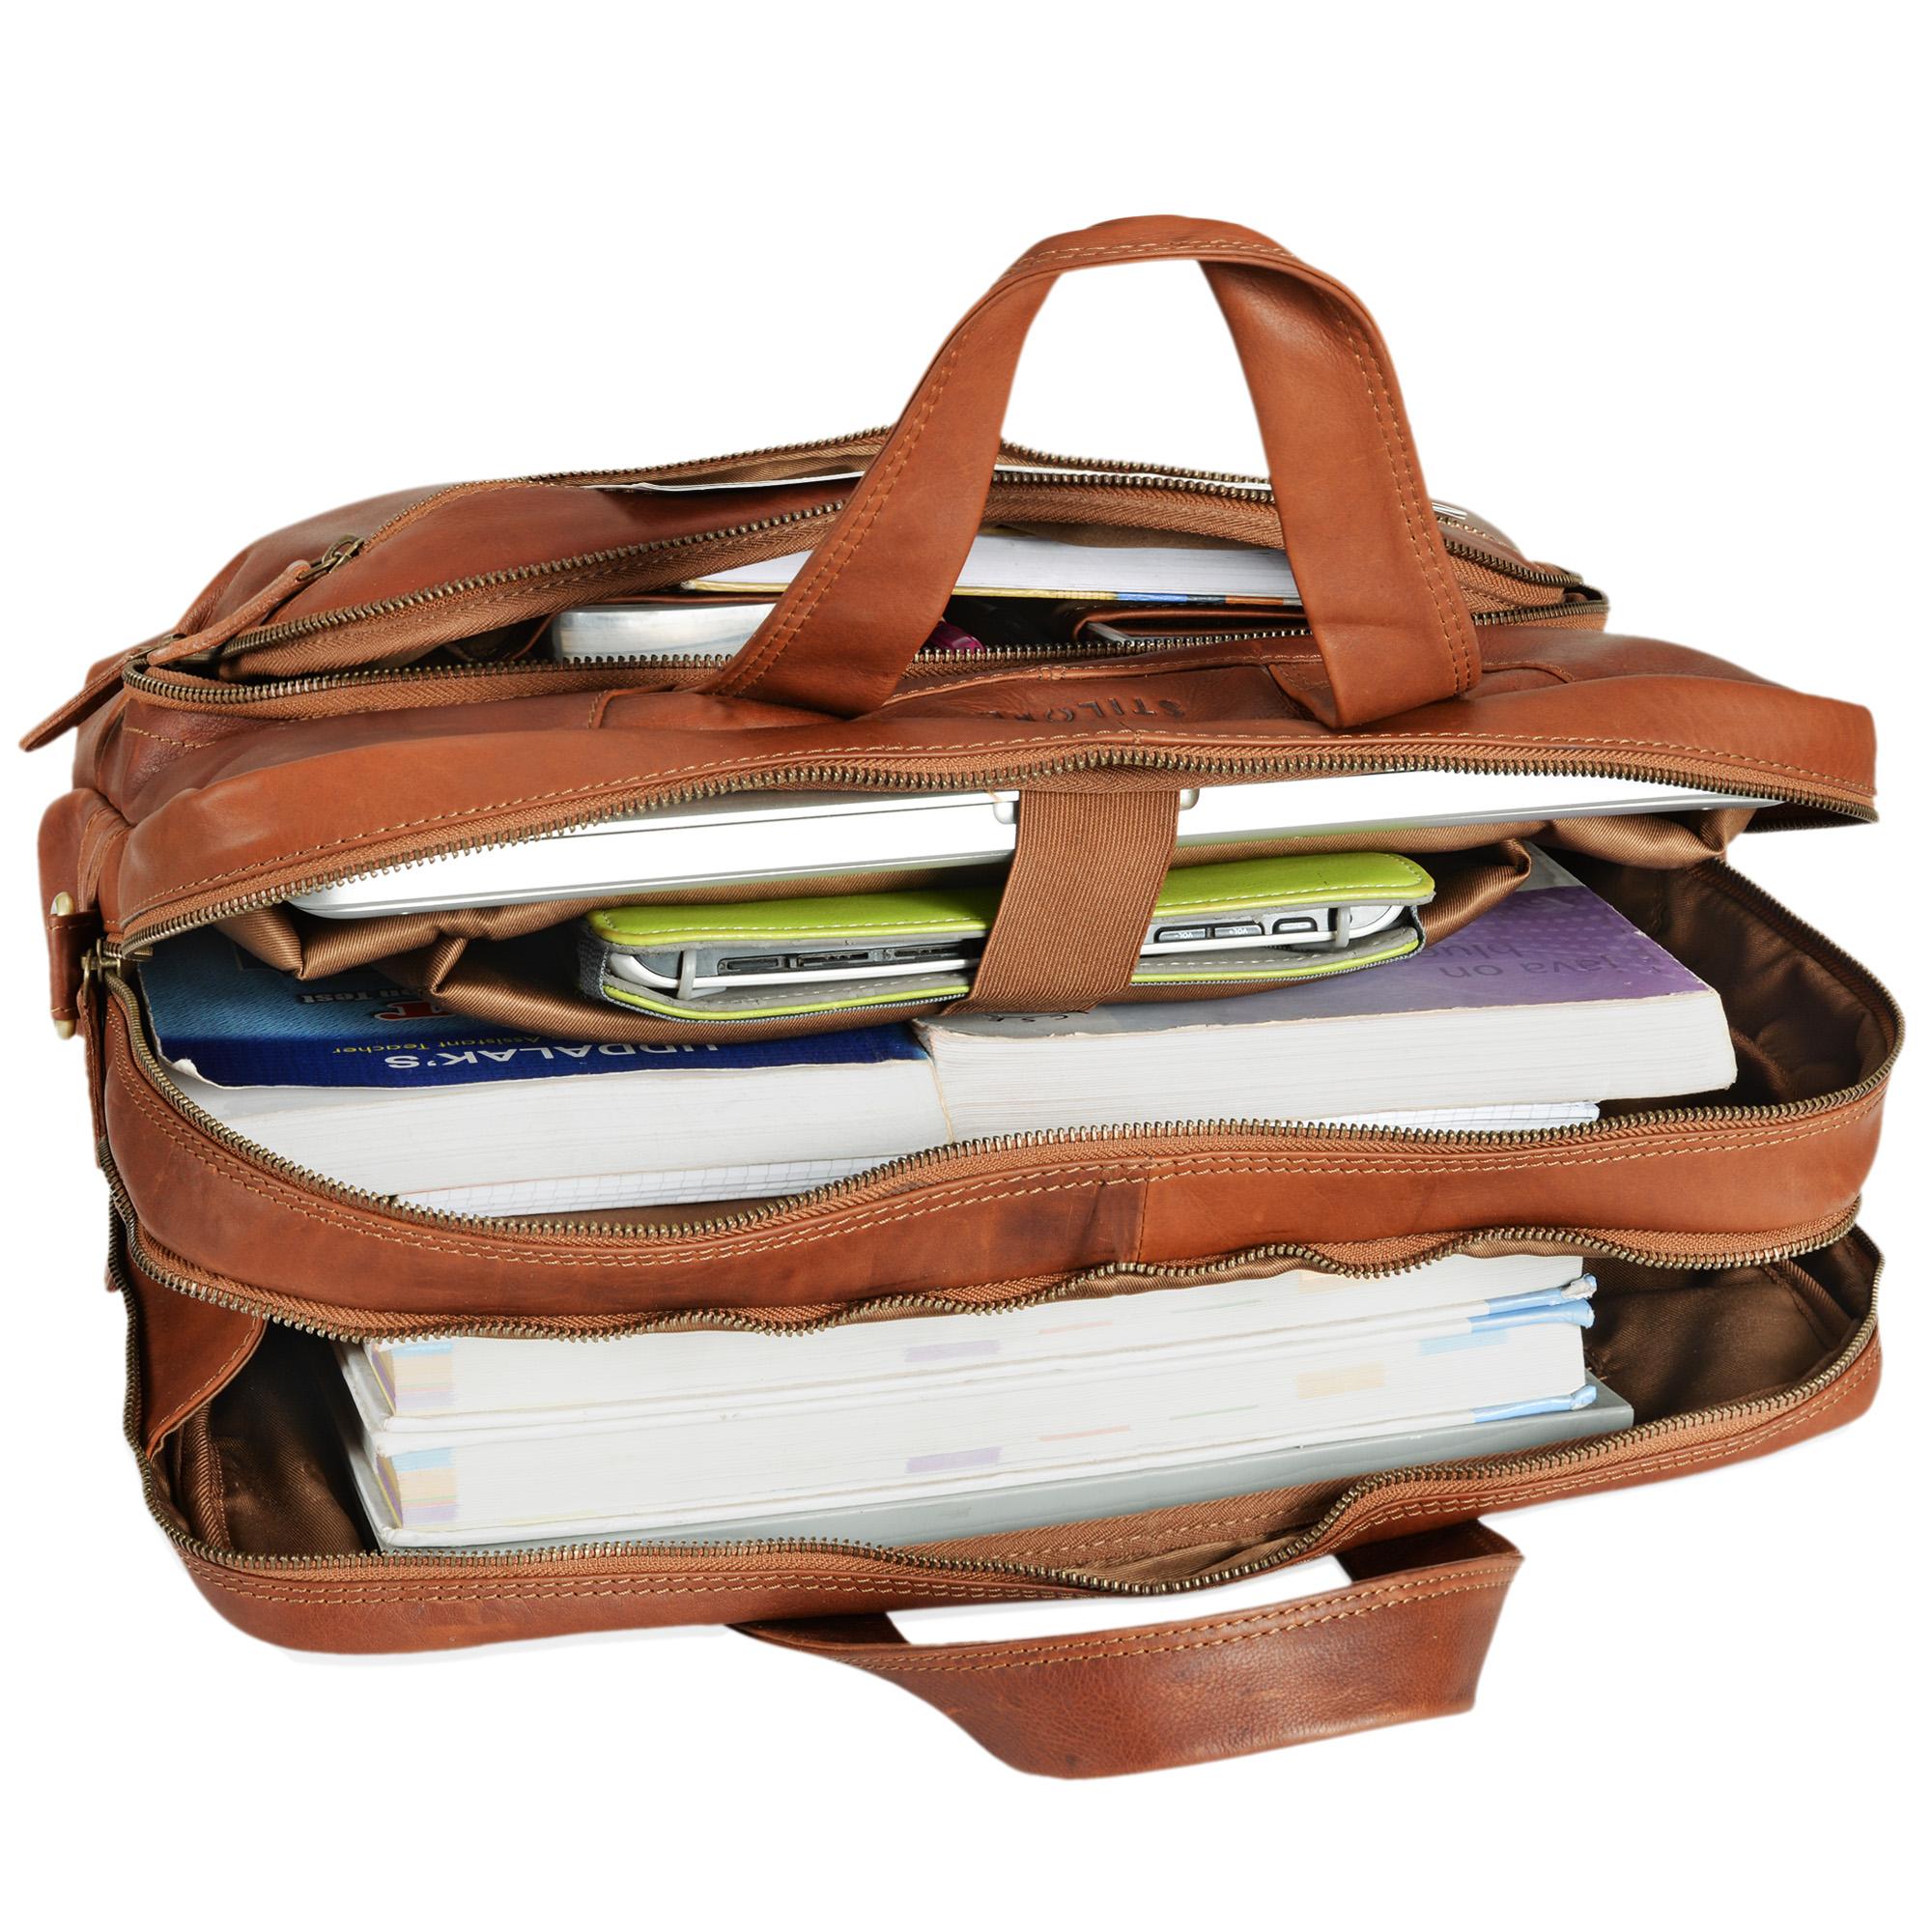 """STILORD """"Alan"""" Leder Umhängetasche groß Herren Damen Vintage 15,6 Zoll Laptoptasche XL Arbeitstasche Lehrertasche Arbeit Büro Uni echtes Leder  - Bild 7"""